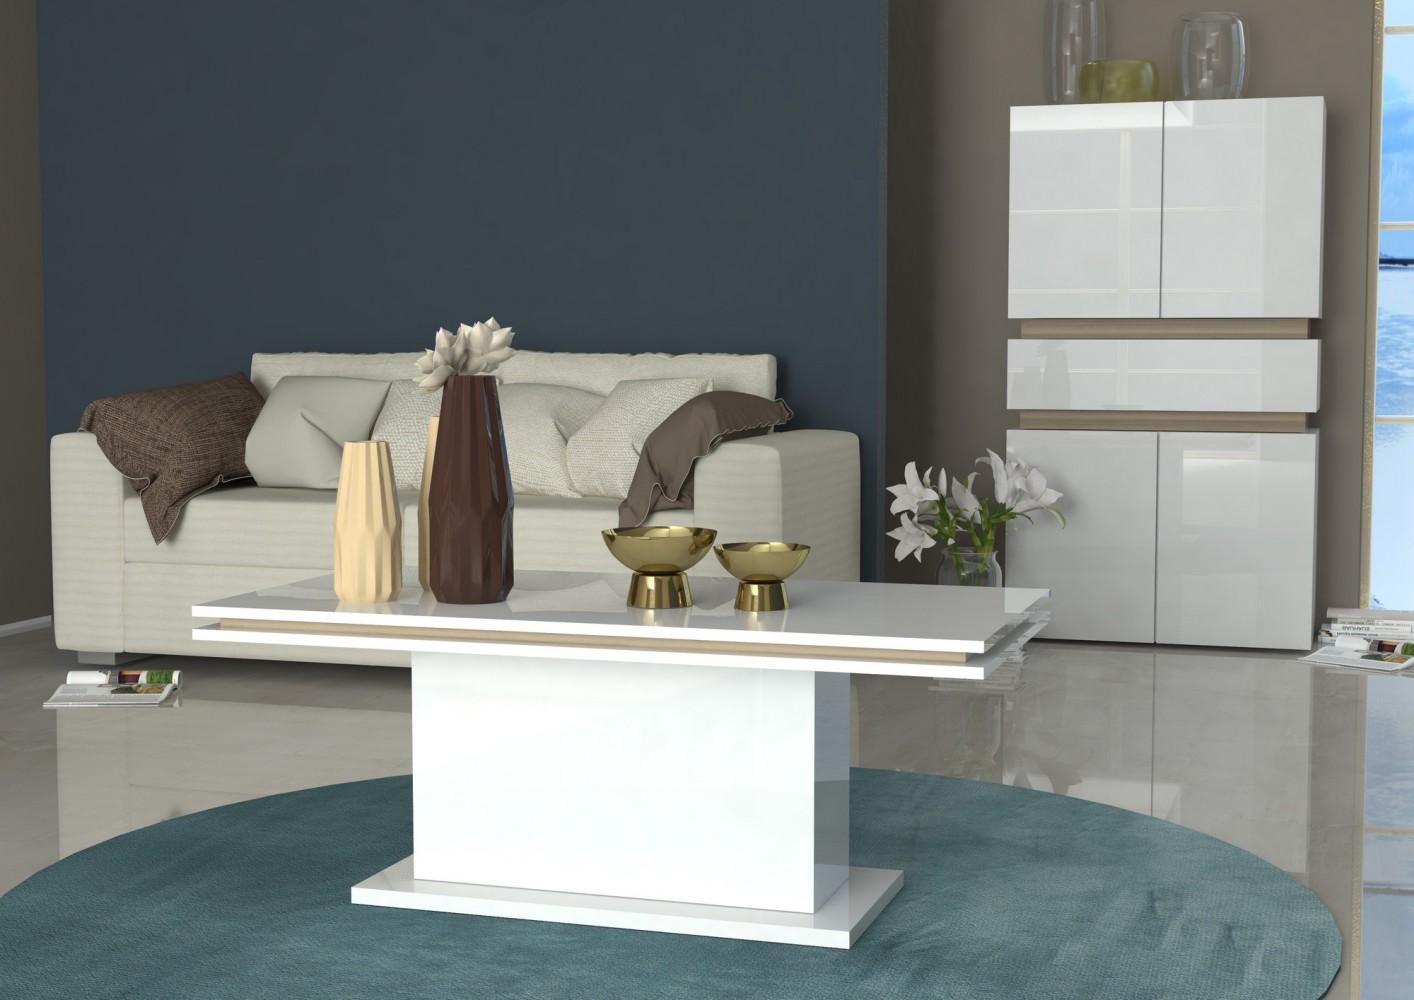 Tecnos couchtisch athena wohnzimmertisch modern neu for Couchtisch design modern